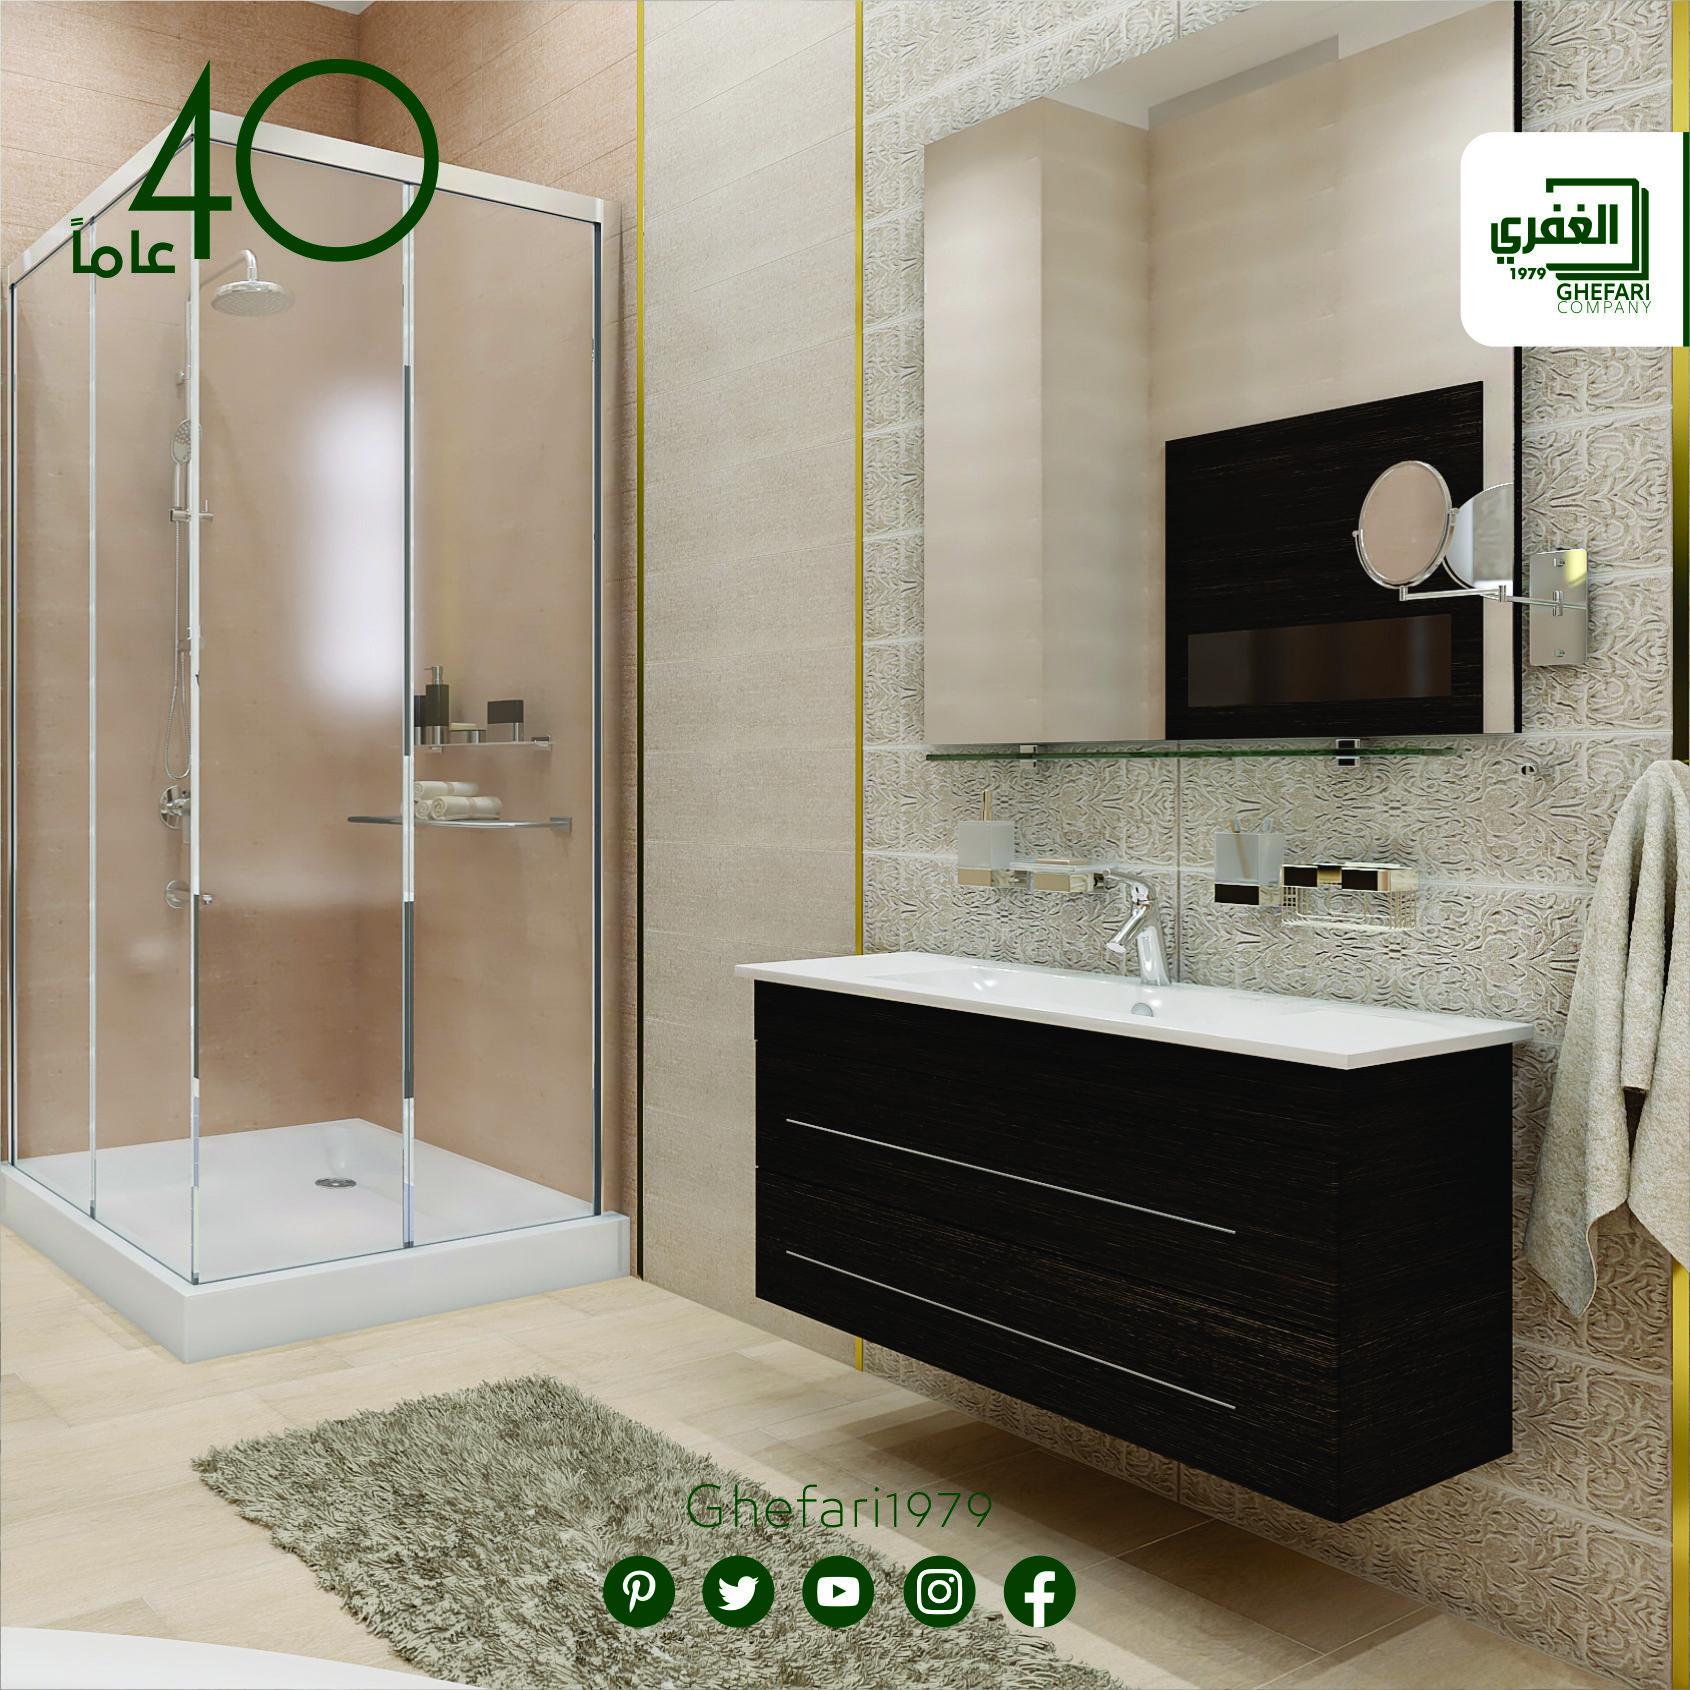 وصل اليوم كراميكا حوائط حمامات مطبخ مقاس 20x60 اسباني الصنع موديلات 2020 2019 للمزيد زو Bathroom Mirror Bathroom Lighting Lighted Bathroom Mirror